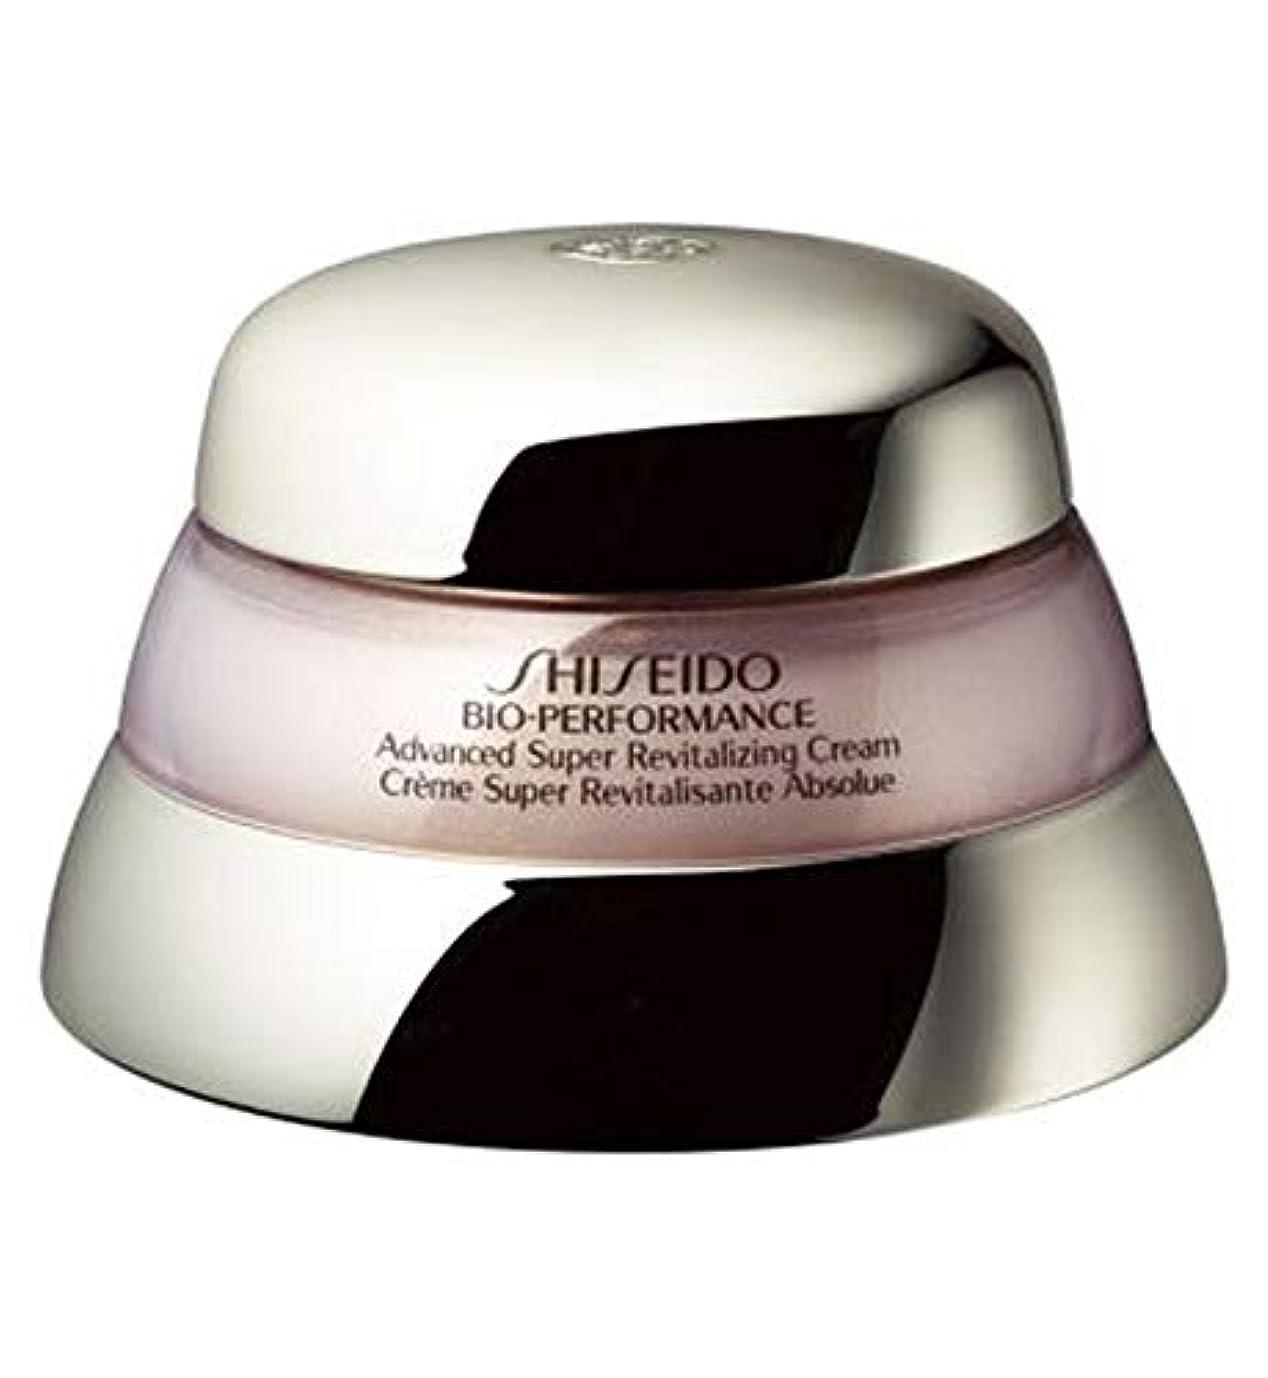 王朝約設定火炎[Shiseido] 資生堂バイオ - パフォーマンスがスーパーリバイタライジングクリーム50Mlを進めました - Shiseido Bio - Performance Advanced Super Revitalizing Cream 50ml [並行輸入品]